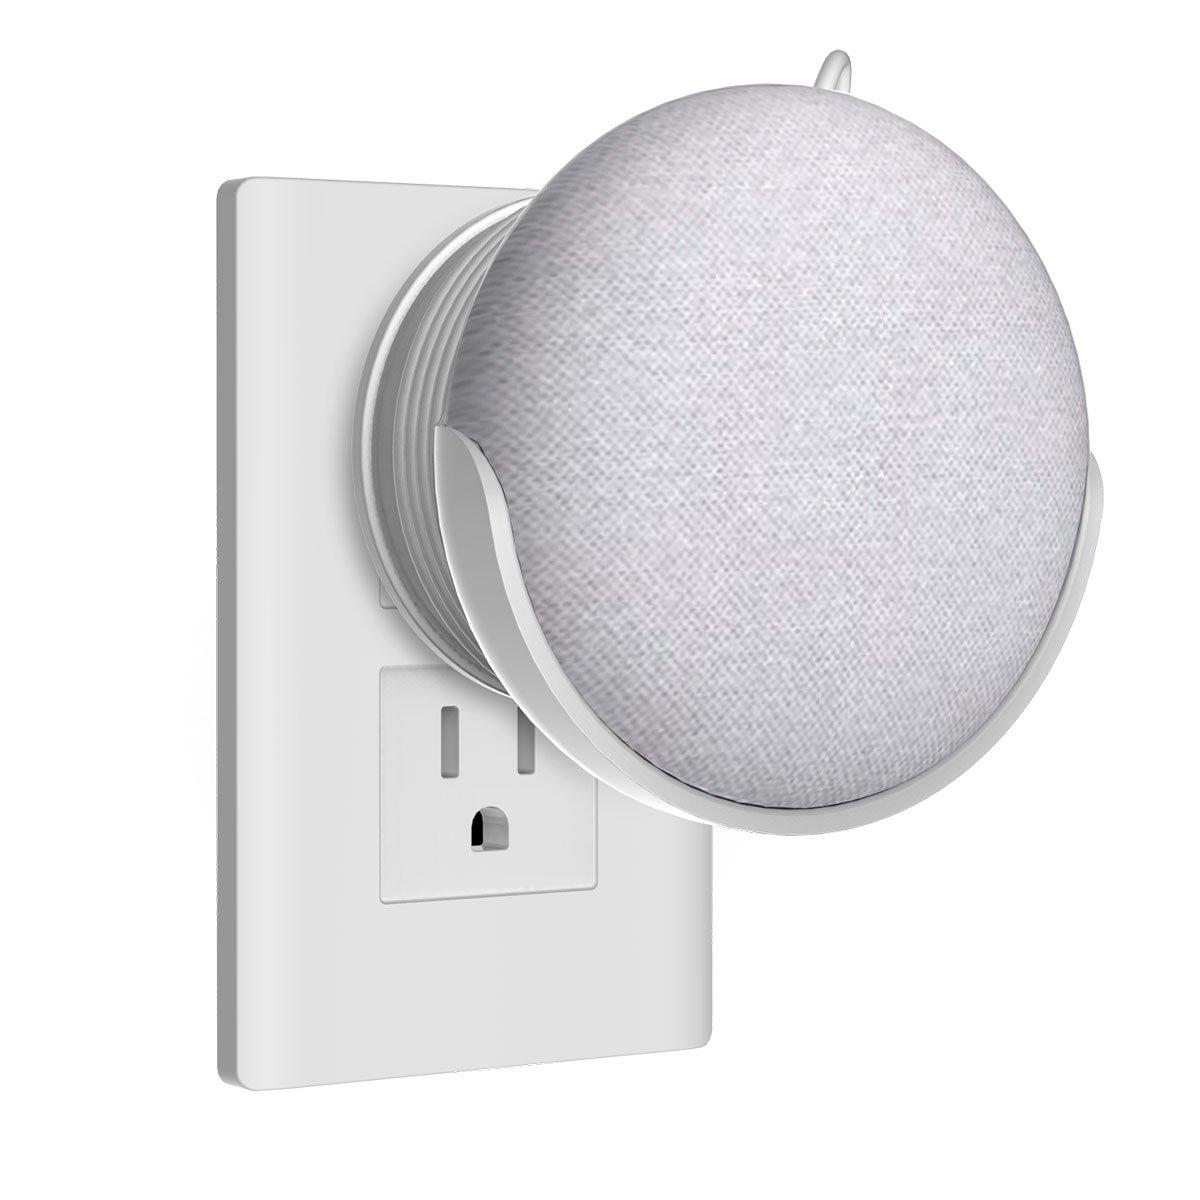 Home HOD supporto da parete Staffa per Mini casa Google Voice assistants, Wall Mount/direttamente aufgehaengt spina in cucina bagno camera da letto, nascosto la Google Home Mini cavo (bianco) Pgone